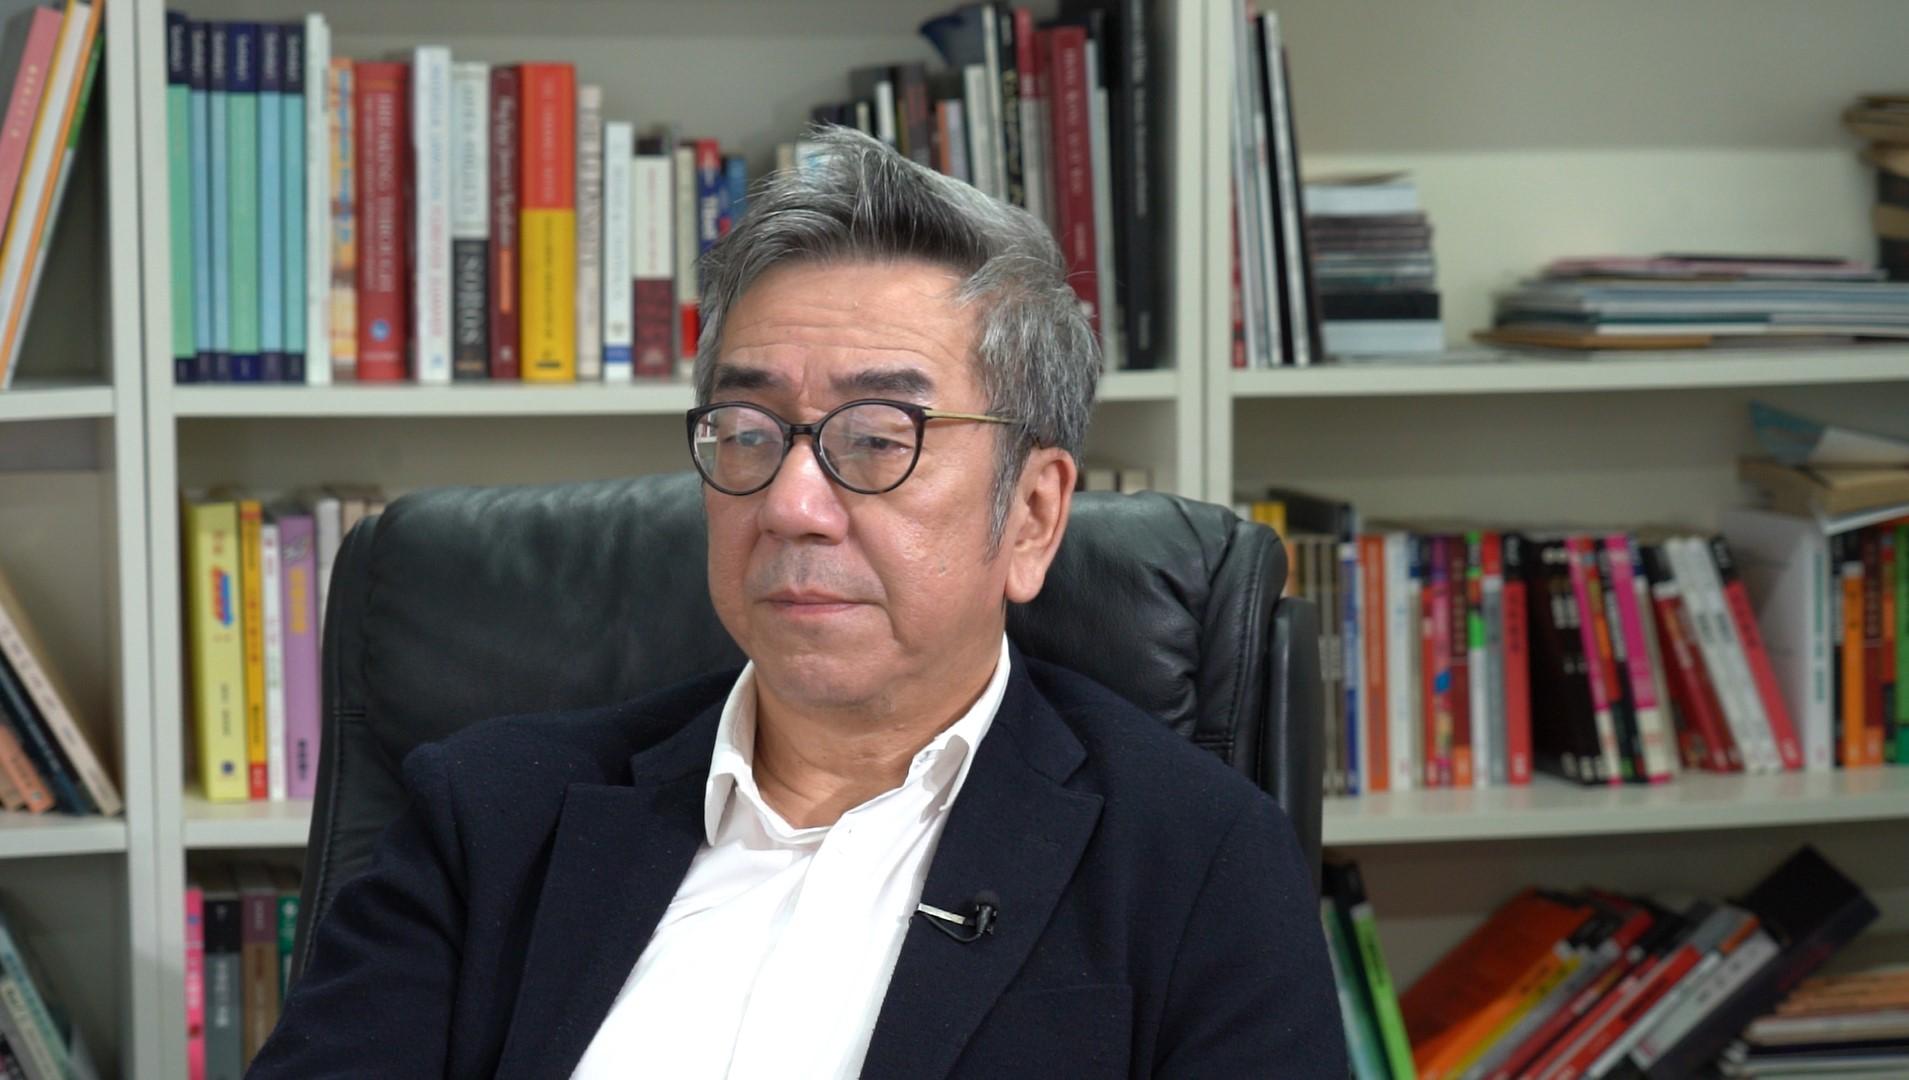 香港資深時事評論員陶傑指出,中央政府的「每一步棋」,就是取消「一國兩制」。(鄧穎韜 攝)